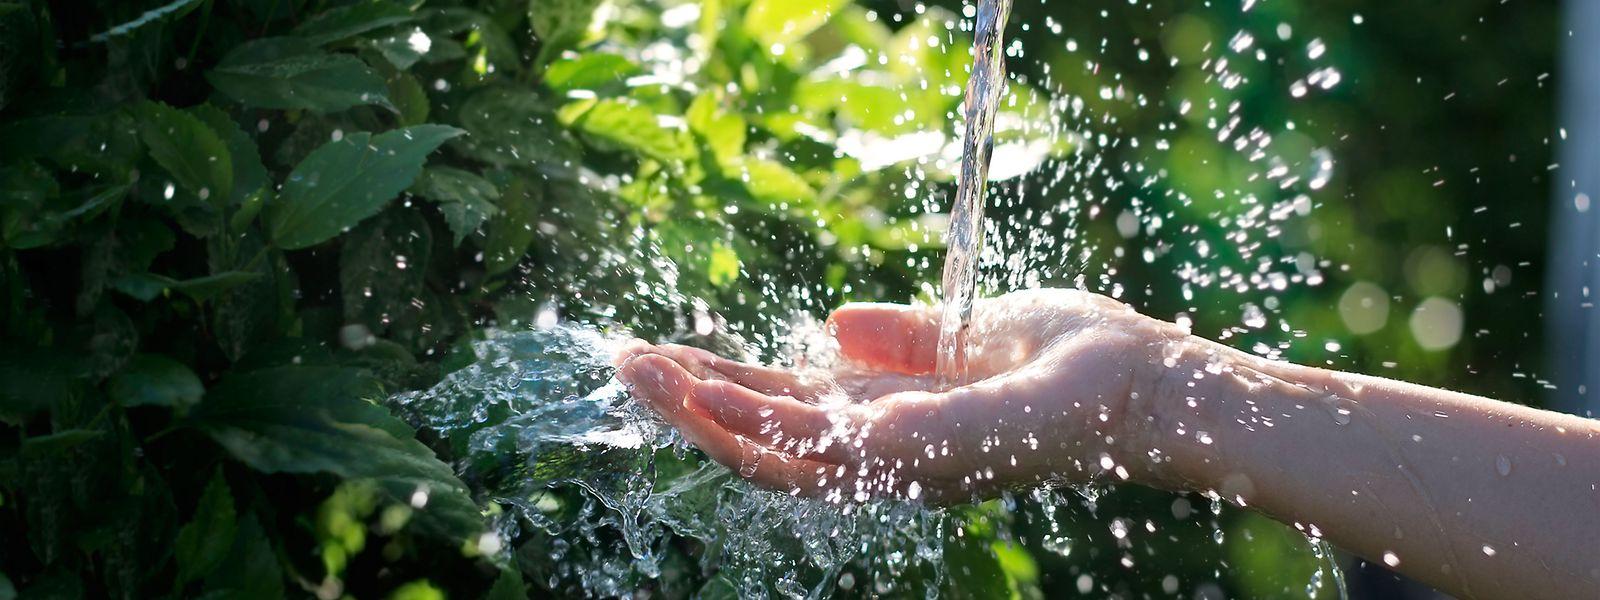 Sécheresse printanière, météo sans grandes précipitations et incertitude sur la consommation d'un été avec moins de départ en vacances préoccupent sérieusement l'Administration de la gestion de l'eau.